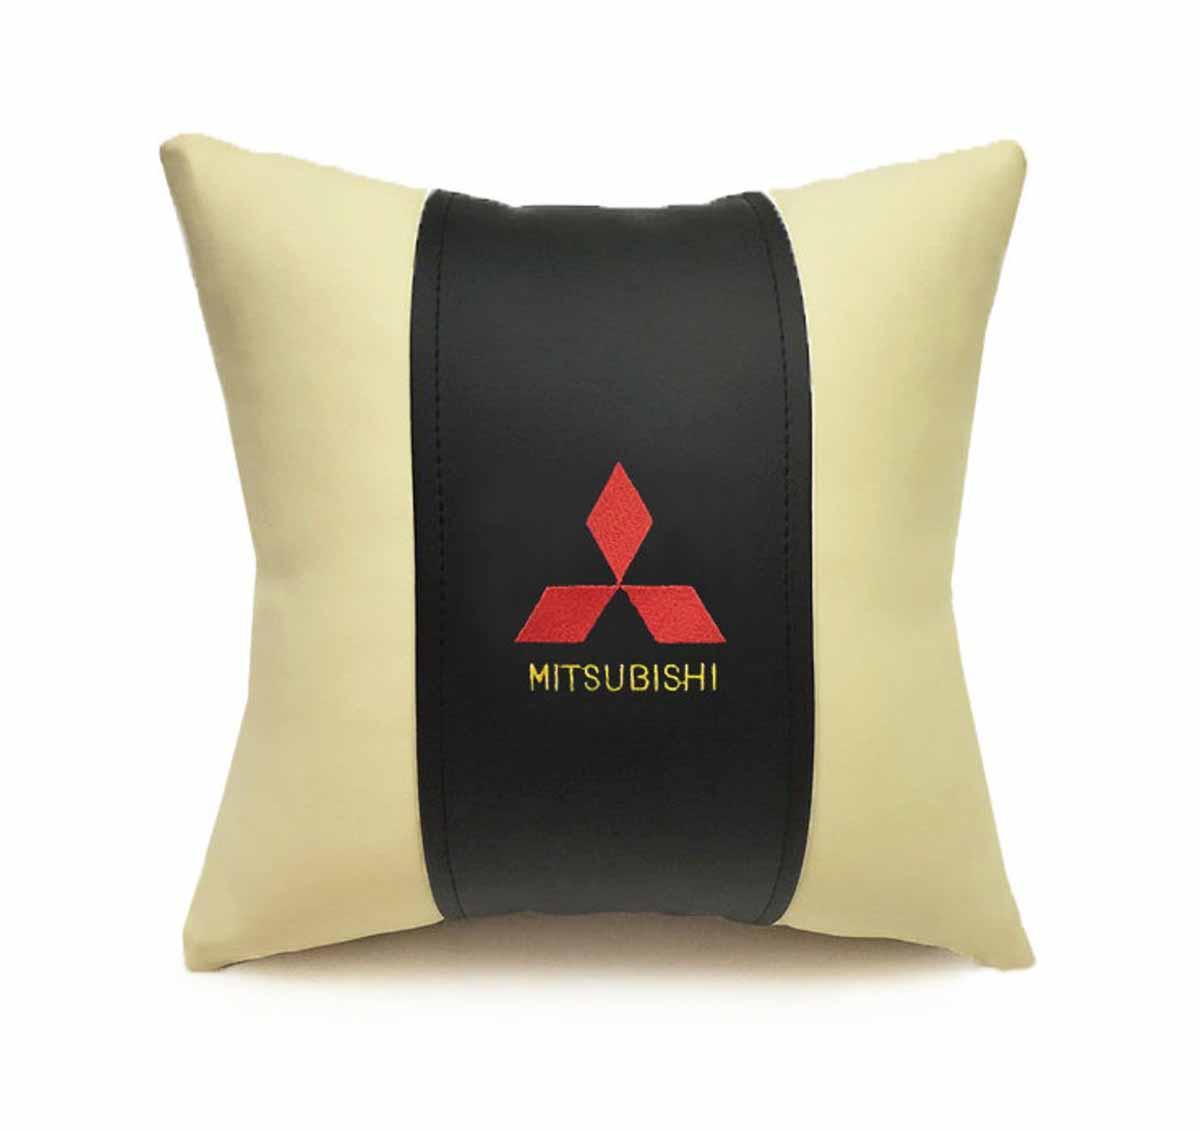 Подушка декоративная Auto premium Mitsubishi, цвет: черный, бежевый подушка декоративная auto premium я патриот цвет черно бежевый 37257